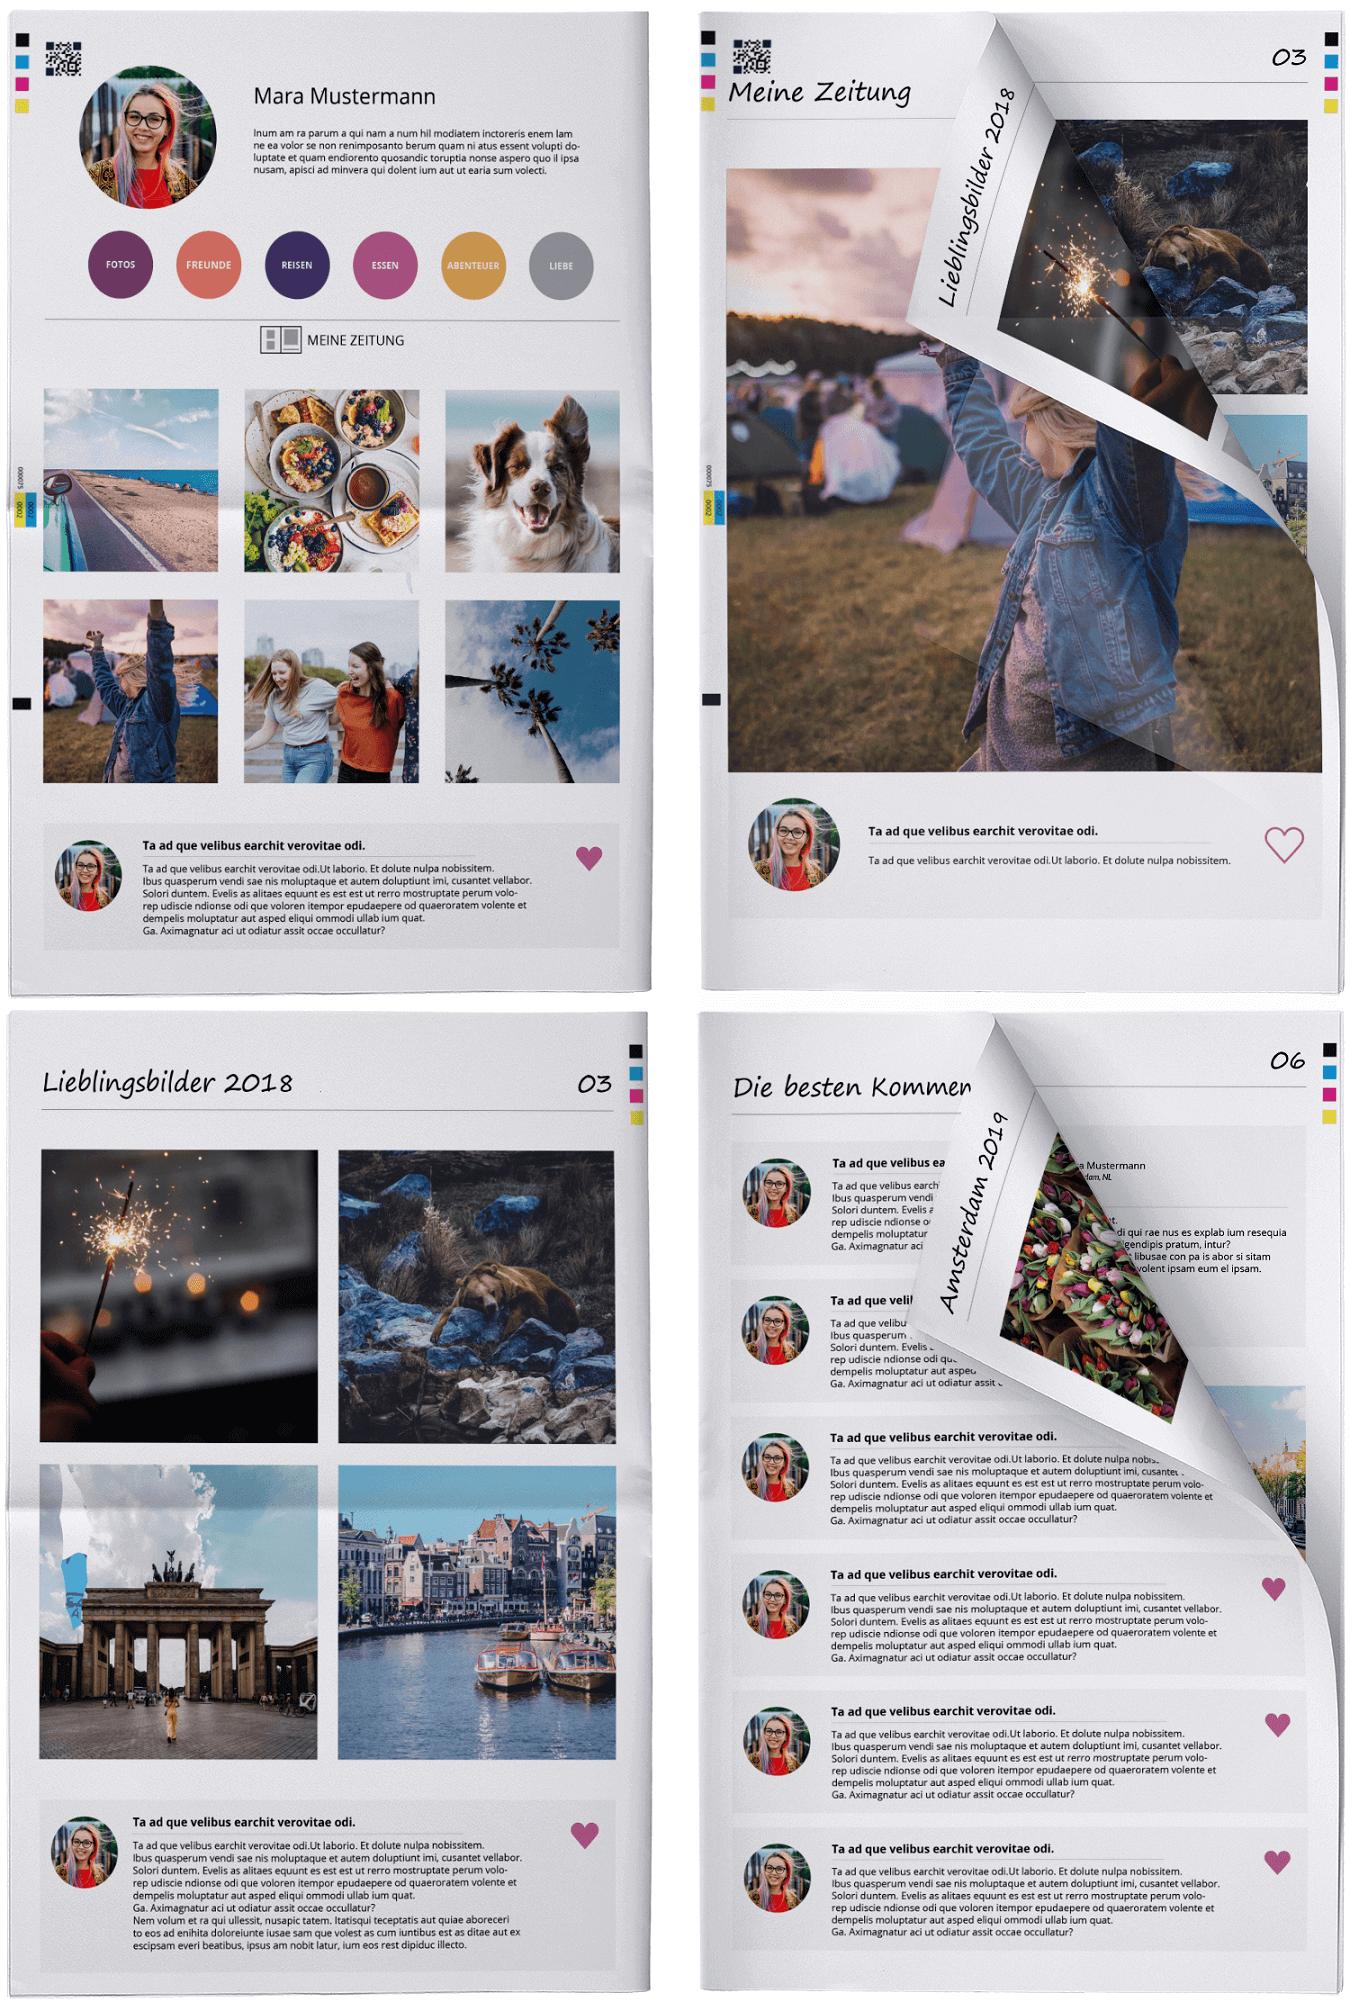 Stylishe Druckvorlagen für Facebook und Instagram Fotos